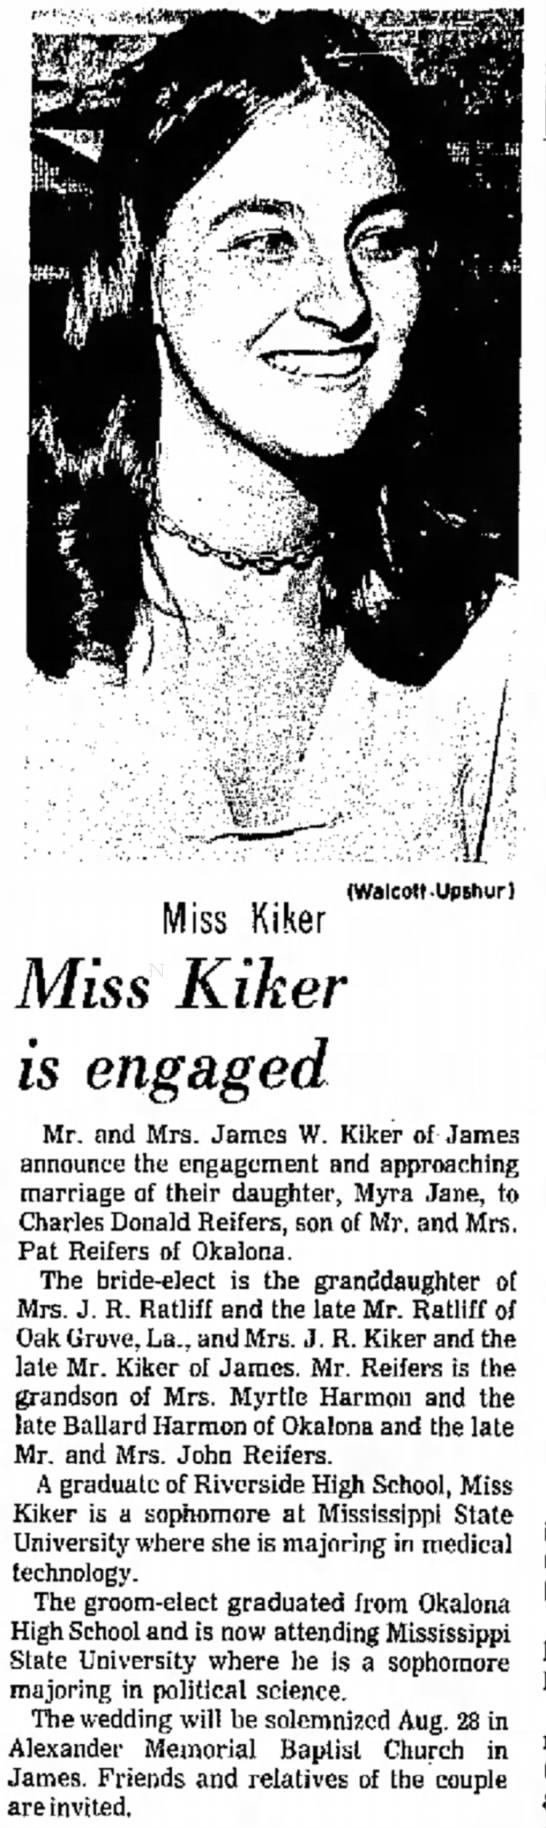 Myra jane Kiker Sun 1 Aug 1971 engagement Delta Democrat - (Walcott-Upshur) Miss Kiker Miss Kiker is...